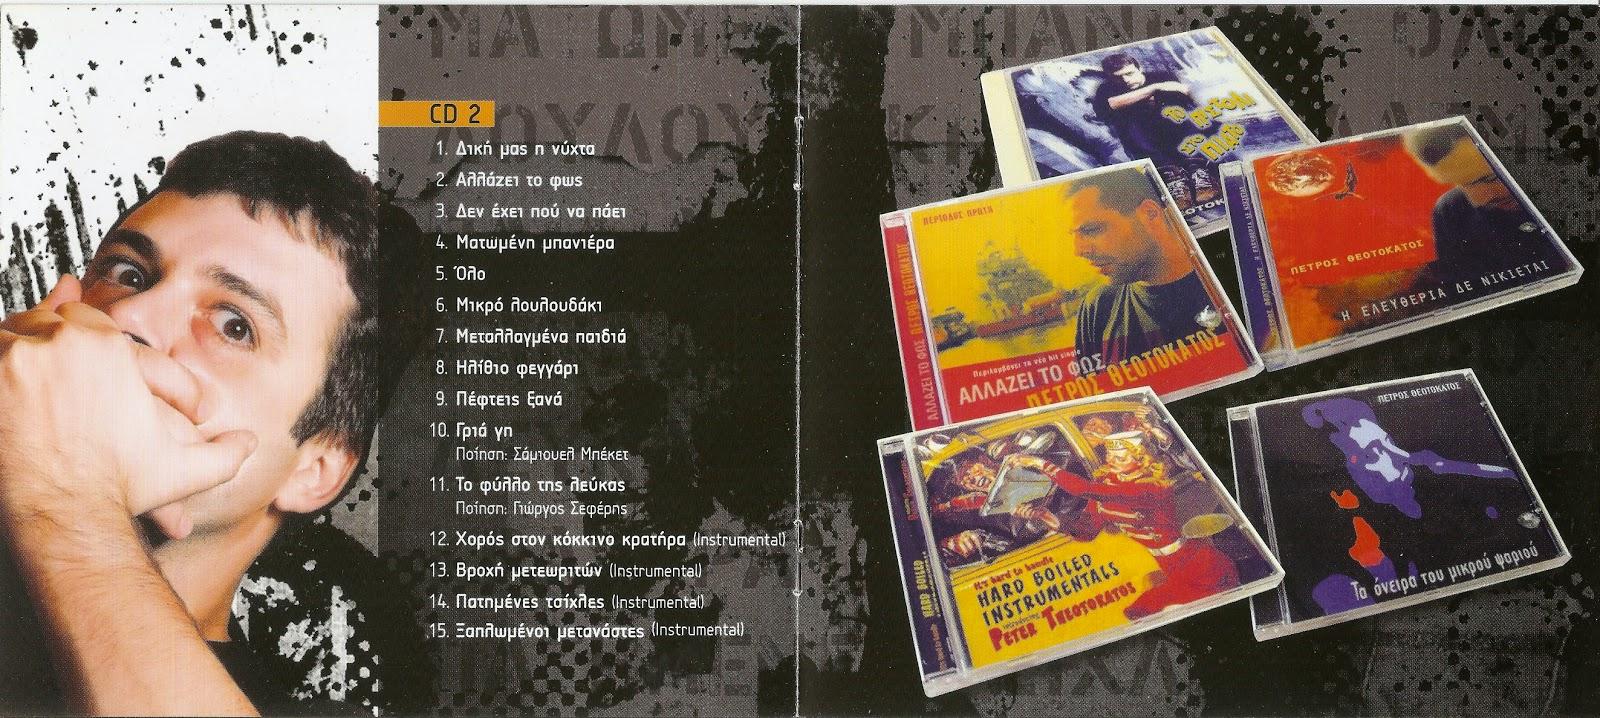 ΠΕΤΡΟΣ ΘΕΟΤΟΚΑΤΟΣ - ΘΑ ΧΑΘΩ cd rock 2